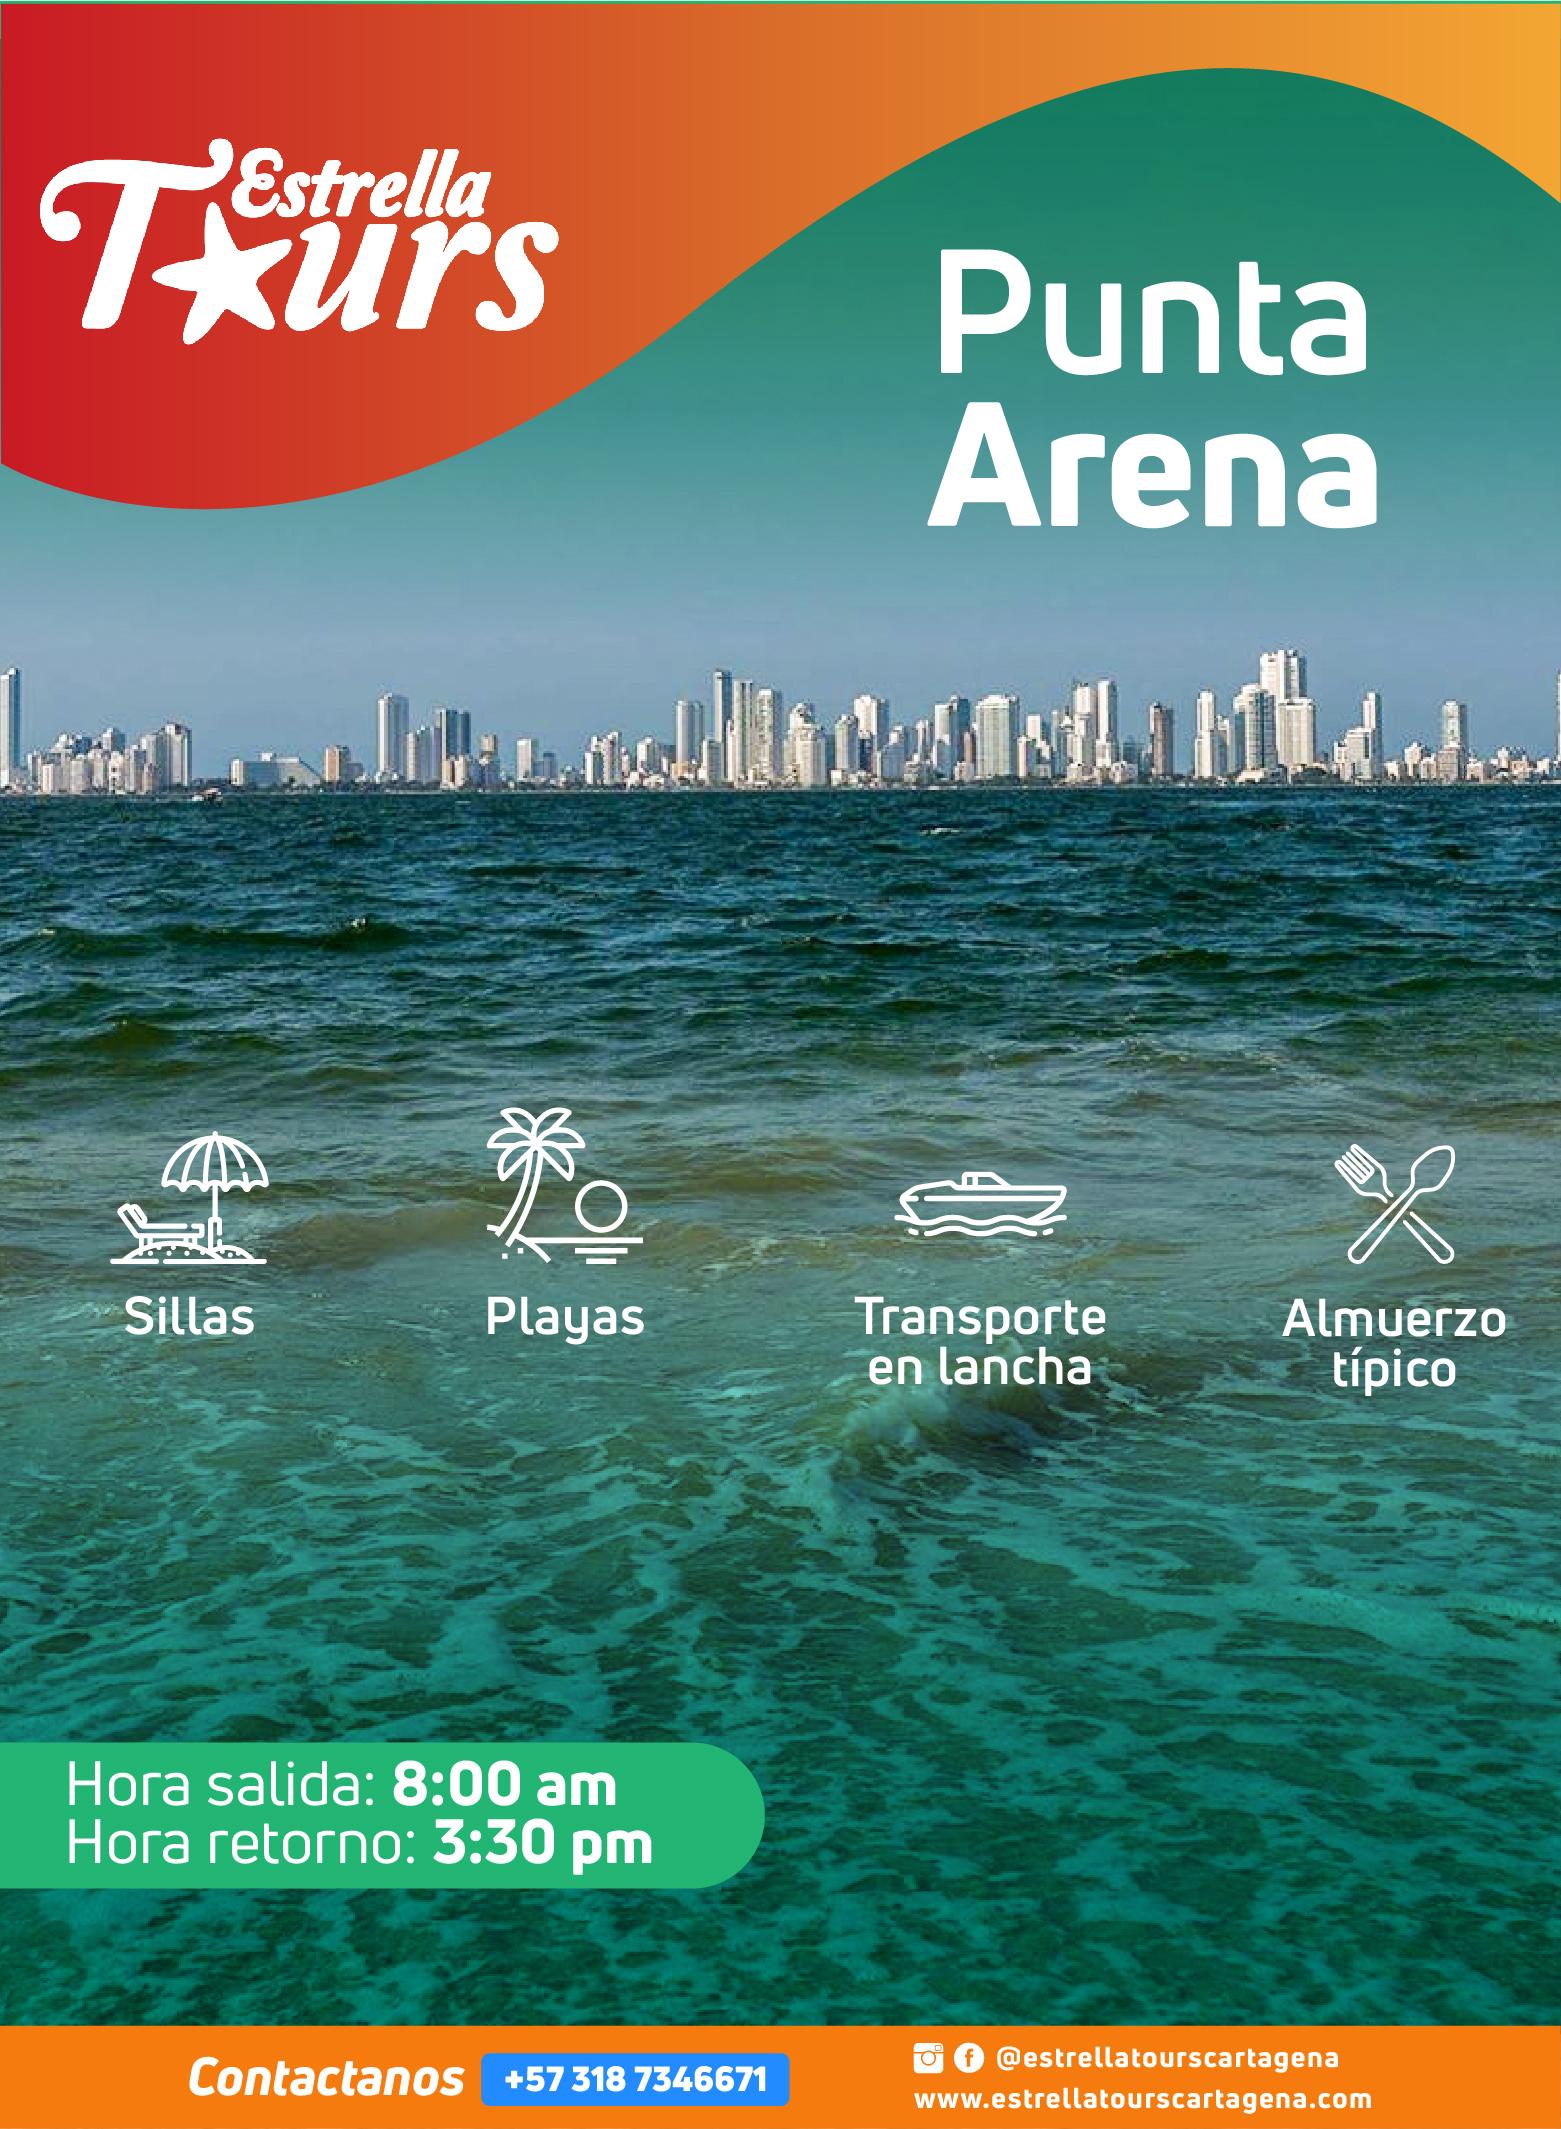 Punta arena_pasadia_Mesa de trabajo 1 copia 18